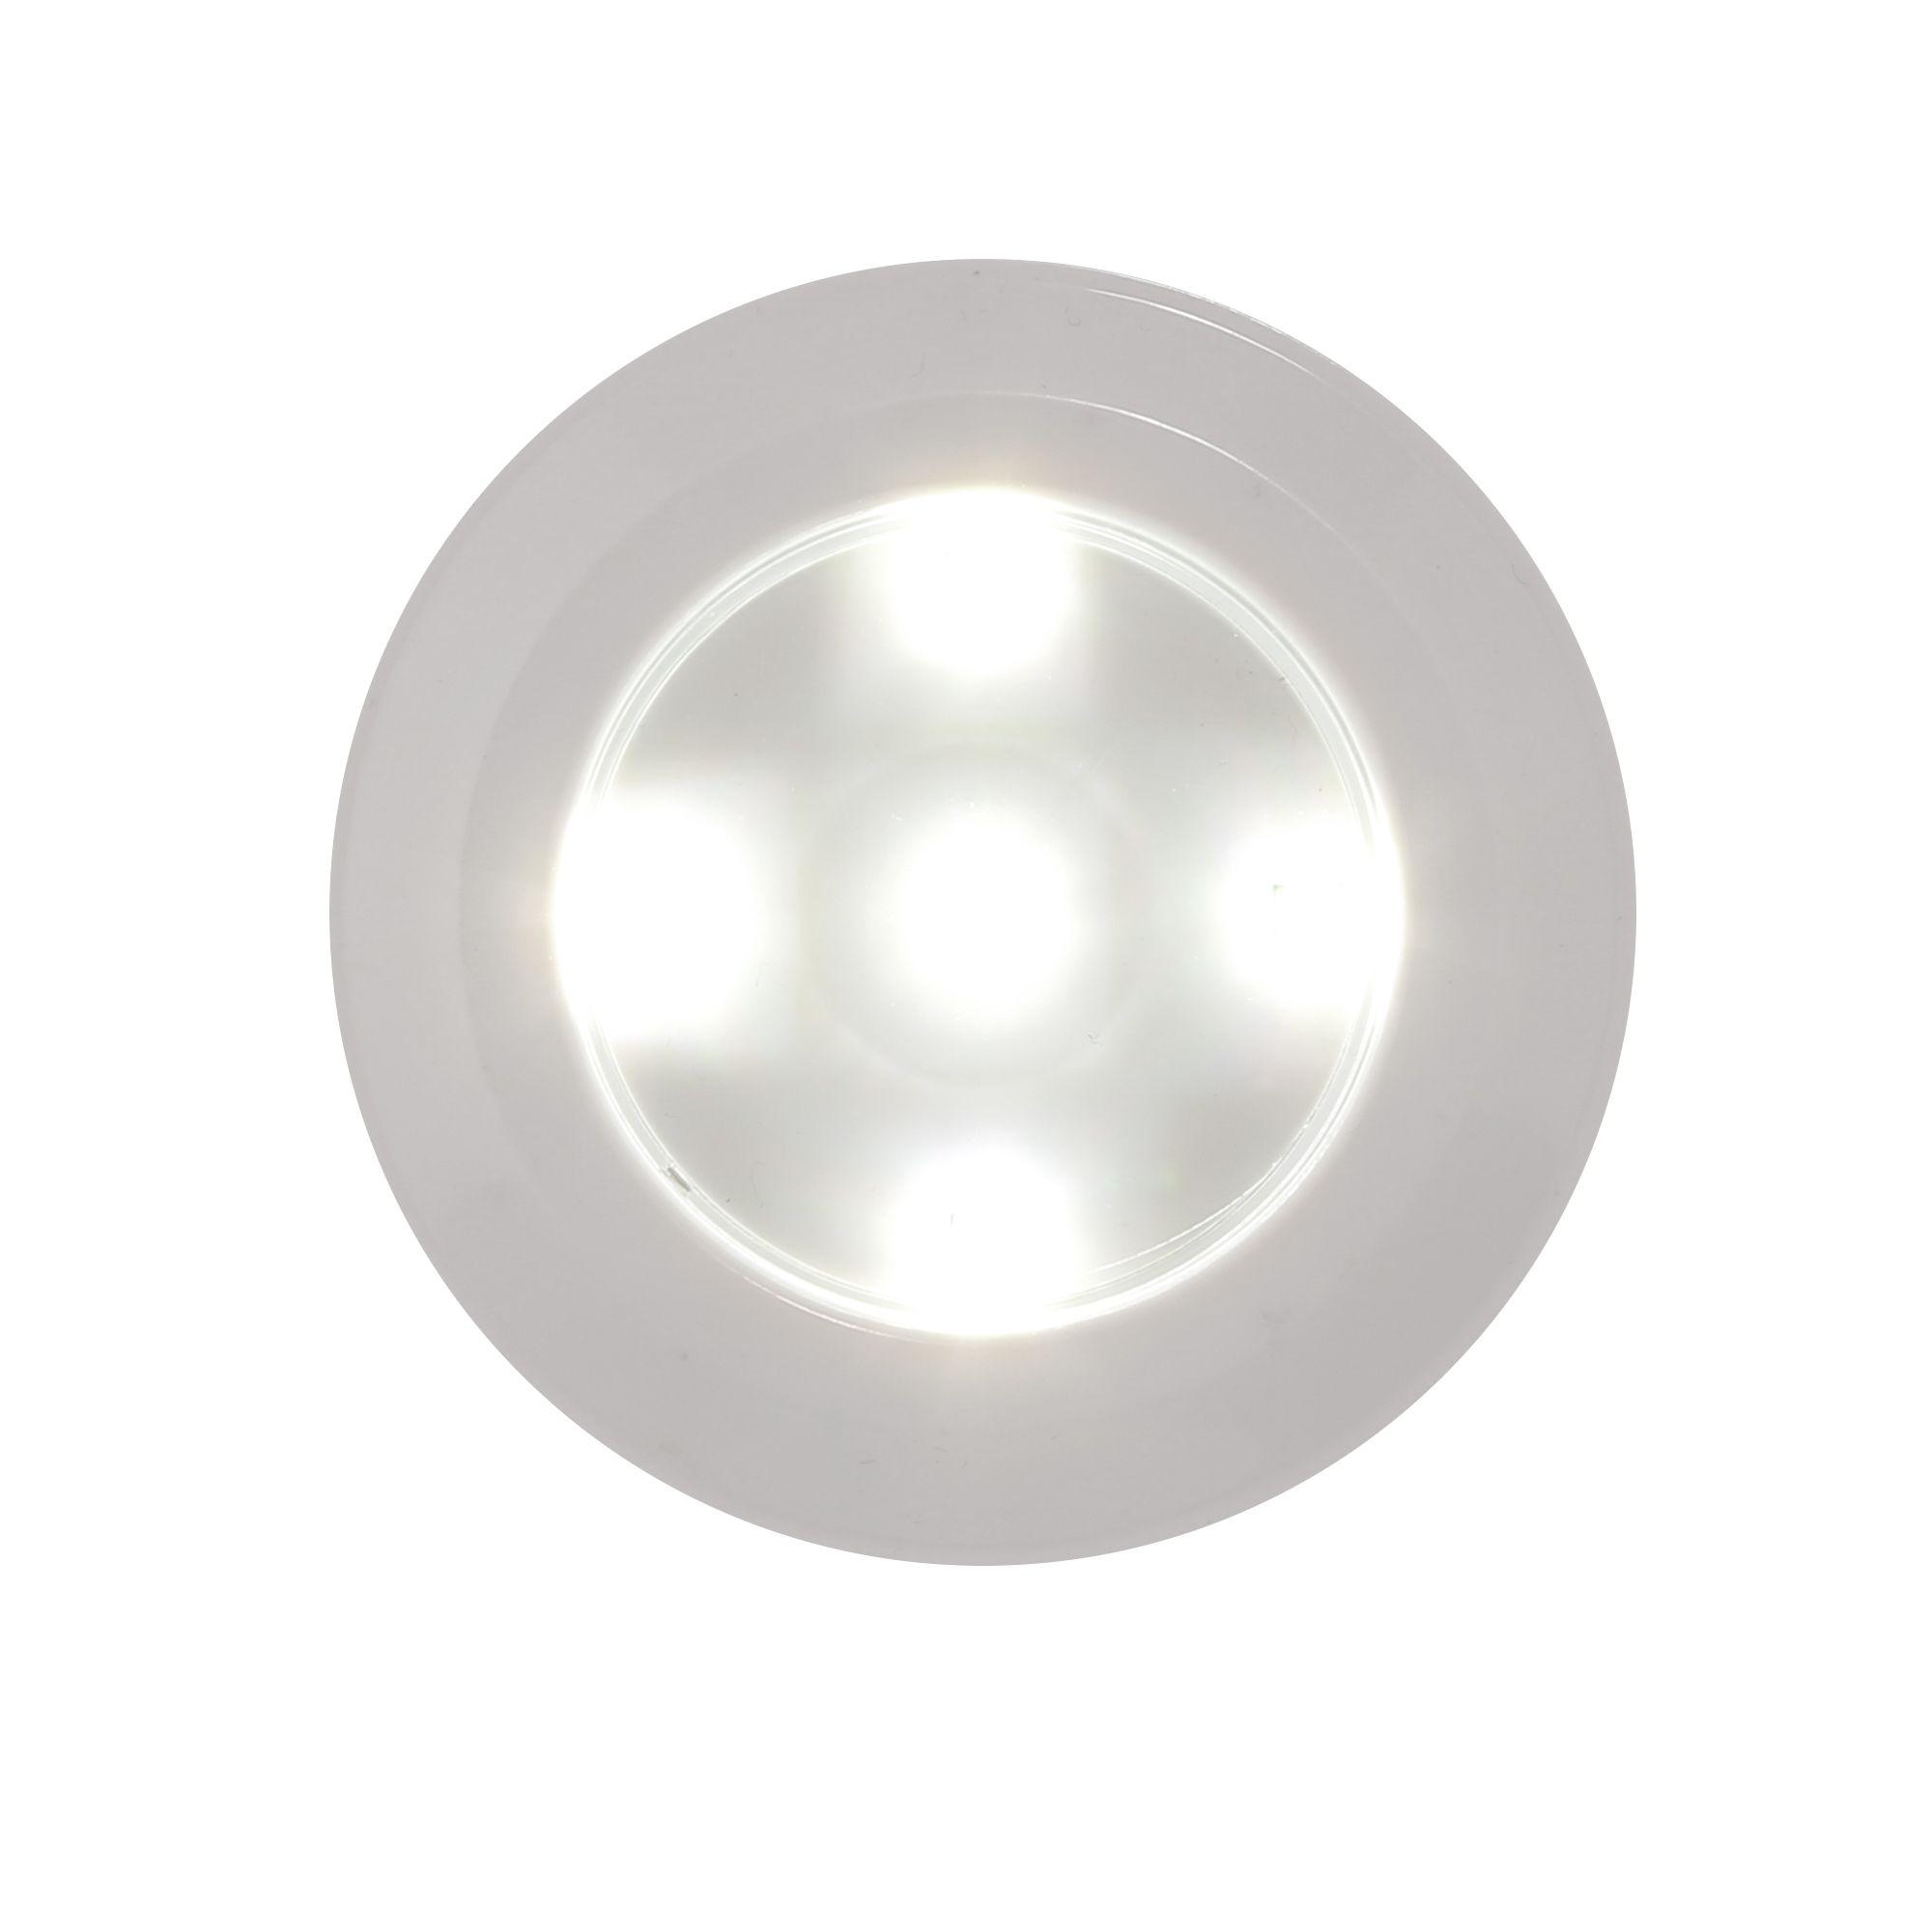 Led Pods Beleuchtungsspots Dimmbar Timerfunkt Inkl Fernbedienung 6 Stuck Qvc De